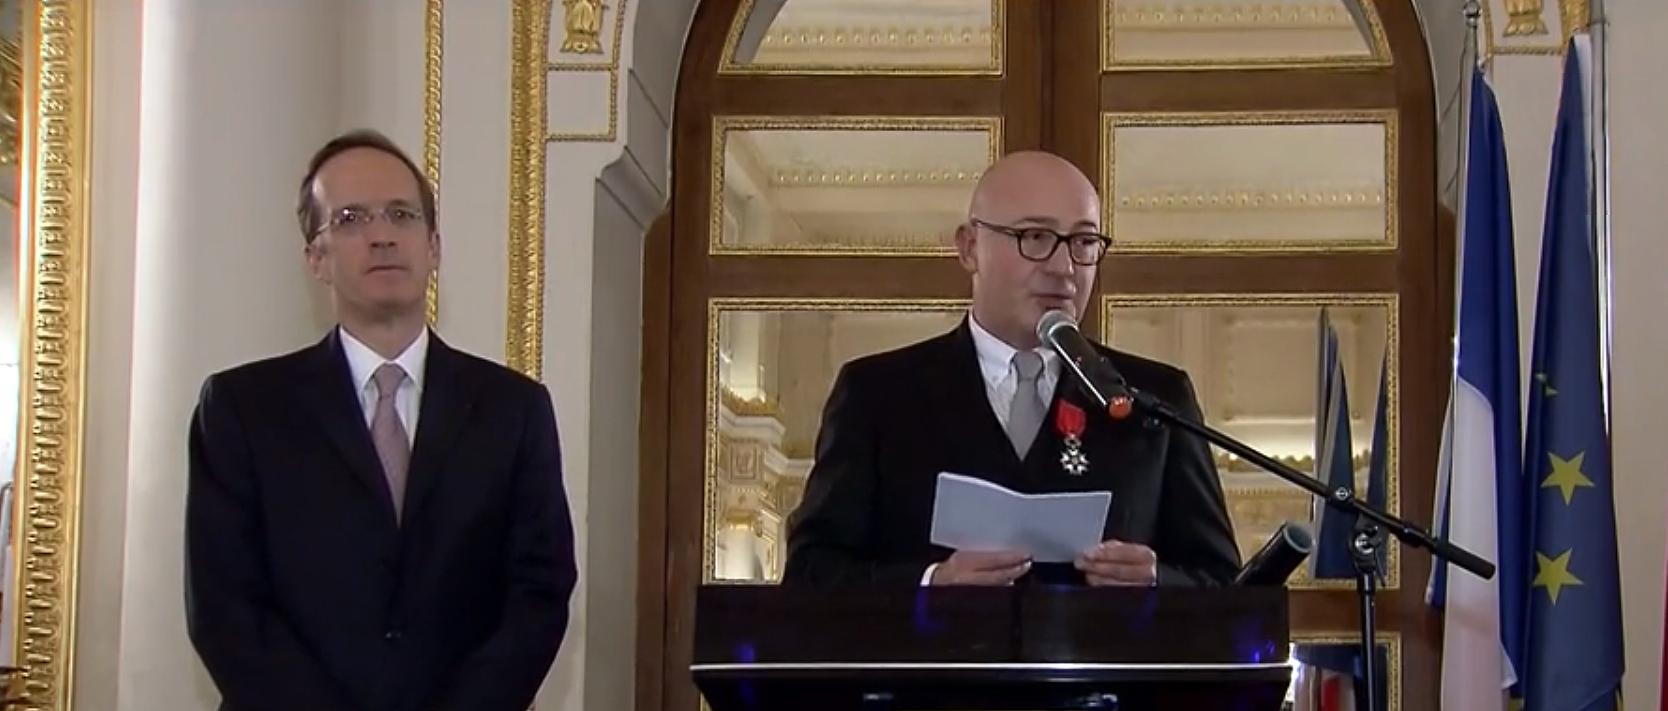 Doğuş Grubu Yön. Kur. Başkanı Ferit F. Şahenk'e Fransa'dan Legion D'Honneur Nişanı